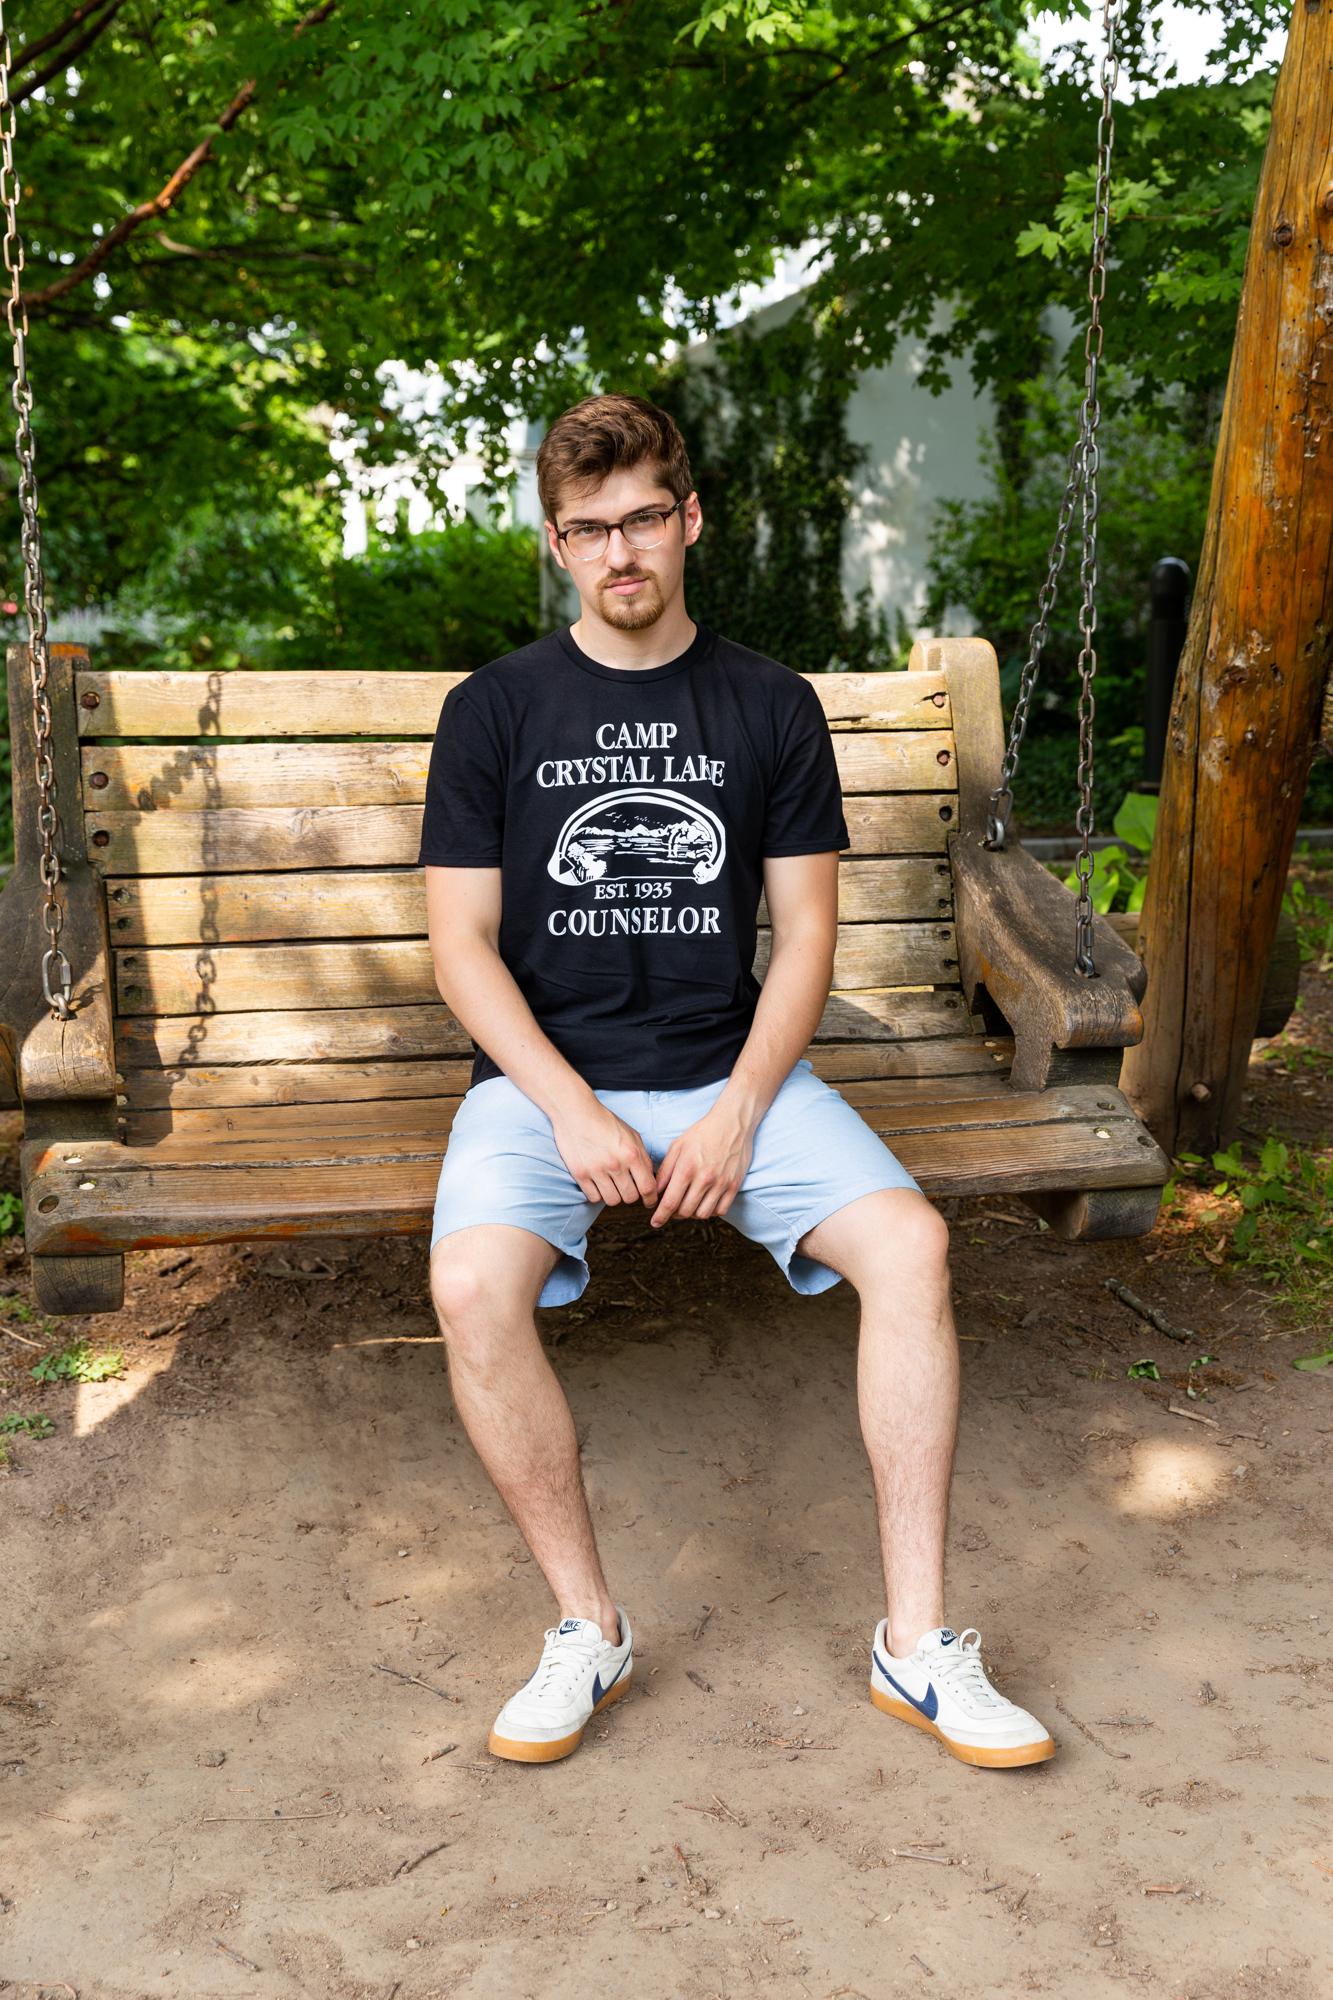 Mens-Camp-Crystal-Lake-T-shirt-Funny-Shirts-Camping-Vintage-Horror-Novelty-Tees thumbnail 10